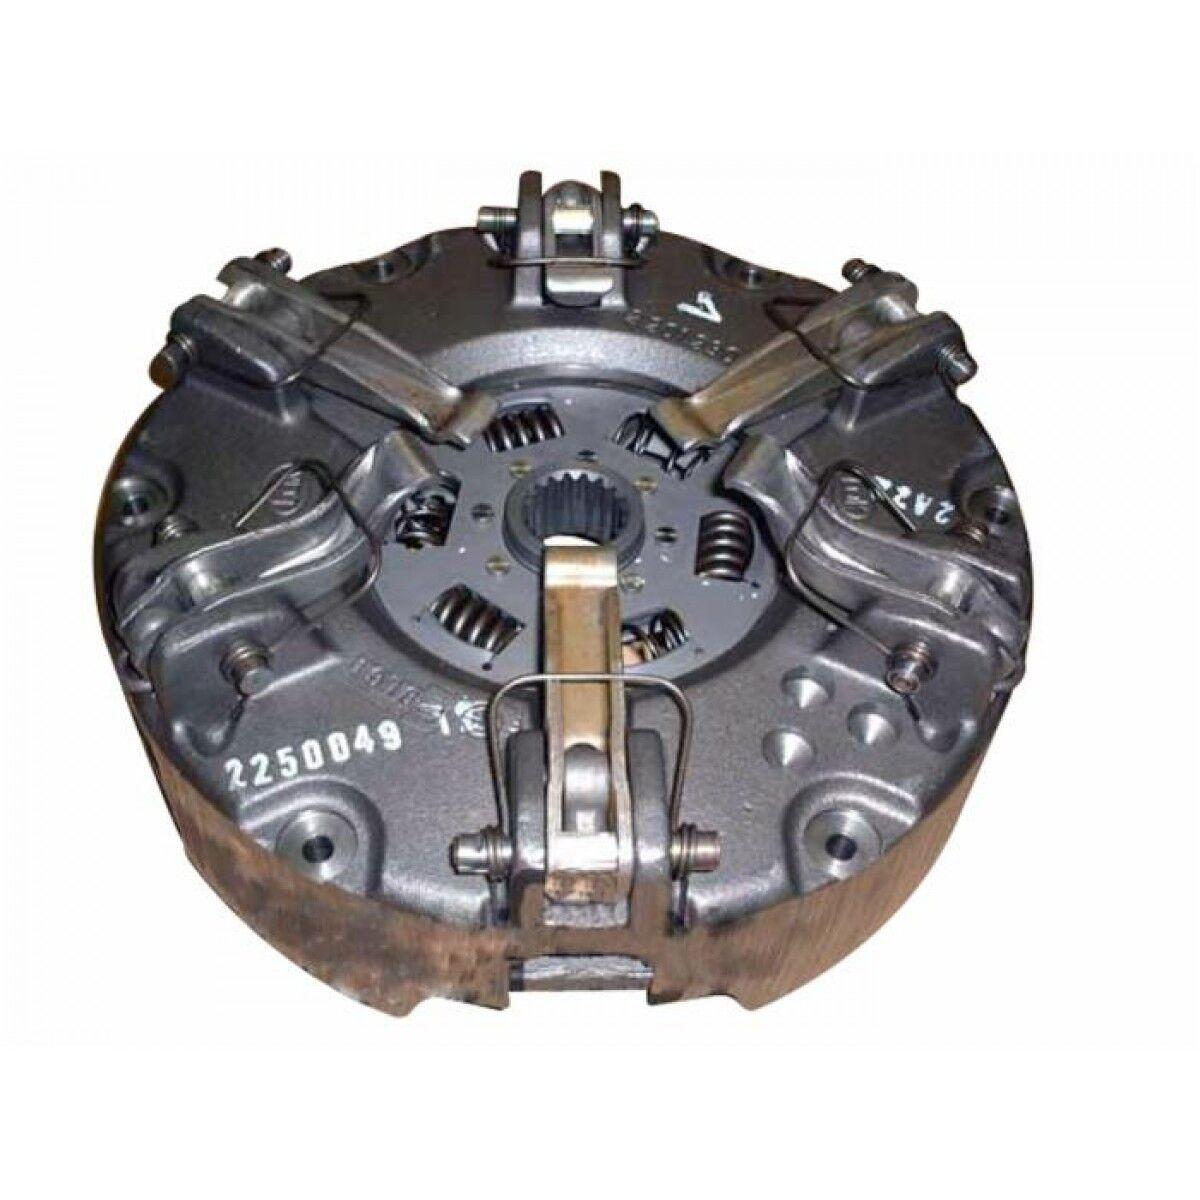 Meccanismo + disco presa di forza originale Luk rif. 625141909